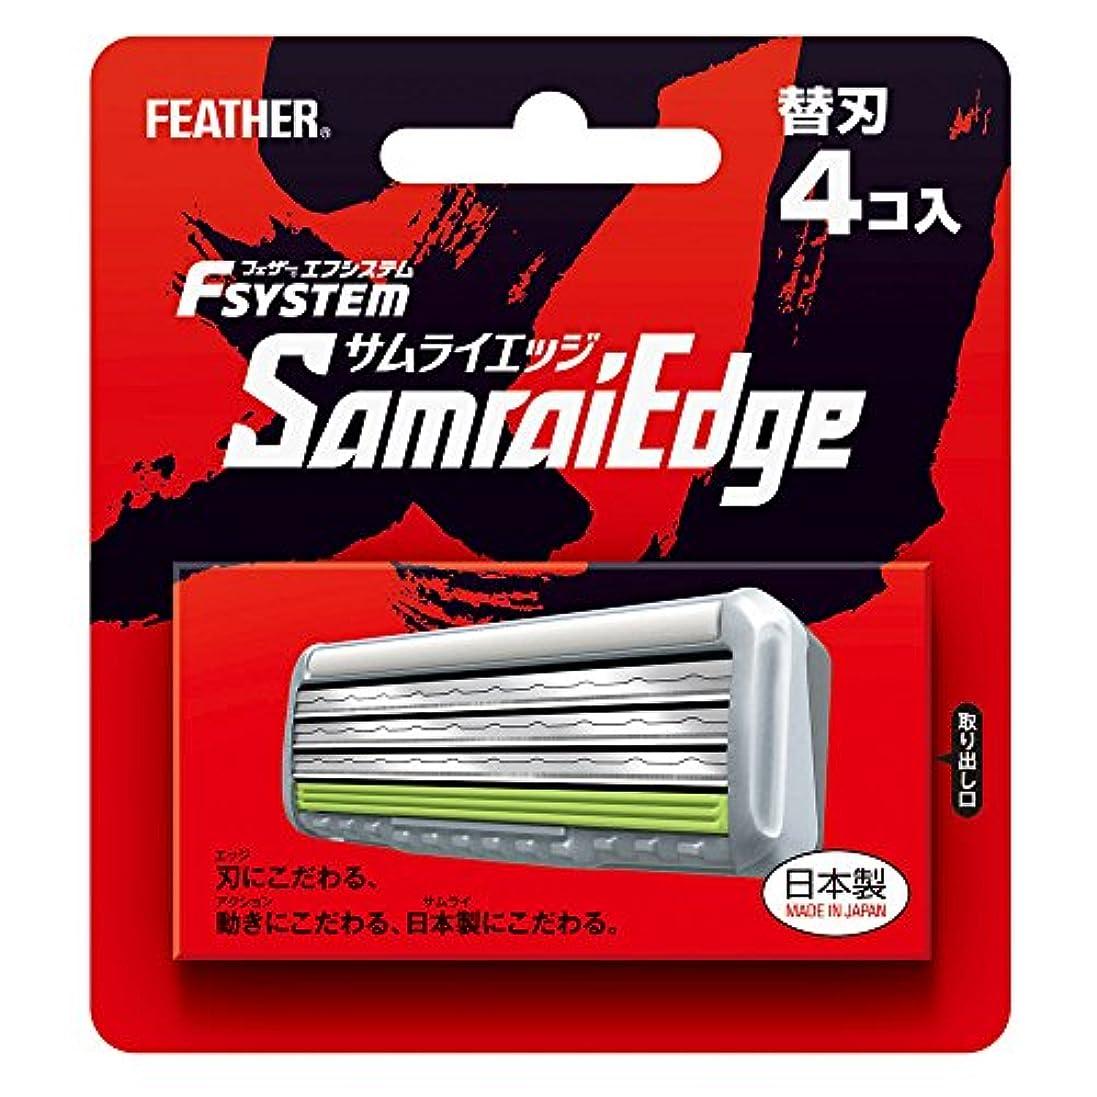 角度コンパス四面体フェザー エフシステム 替刃 サムライエッジ 4コ入 (日本製)